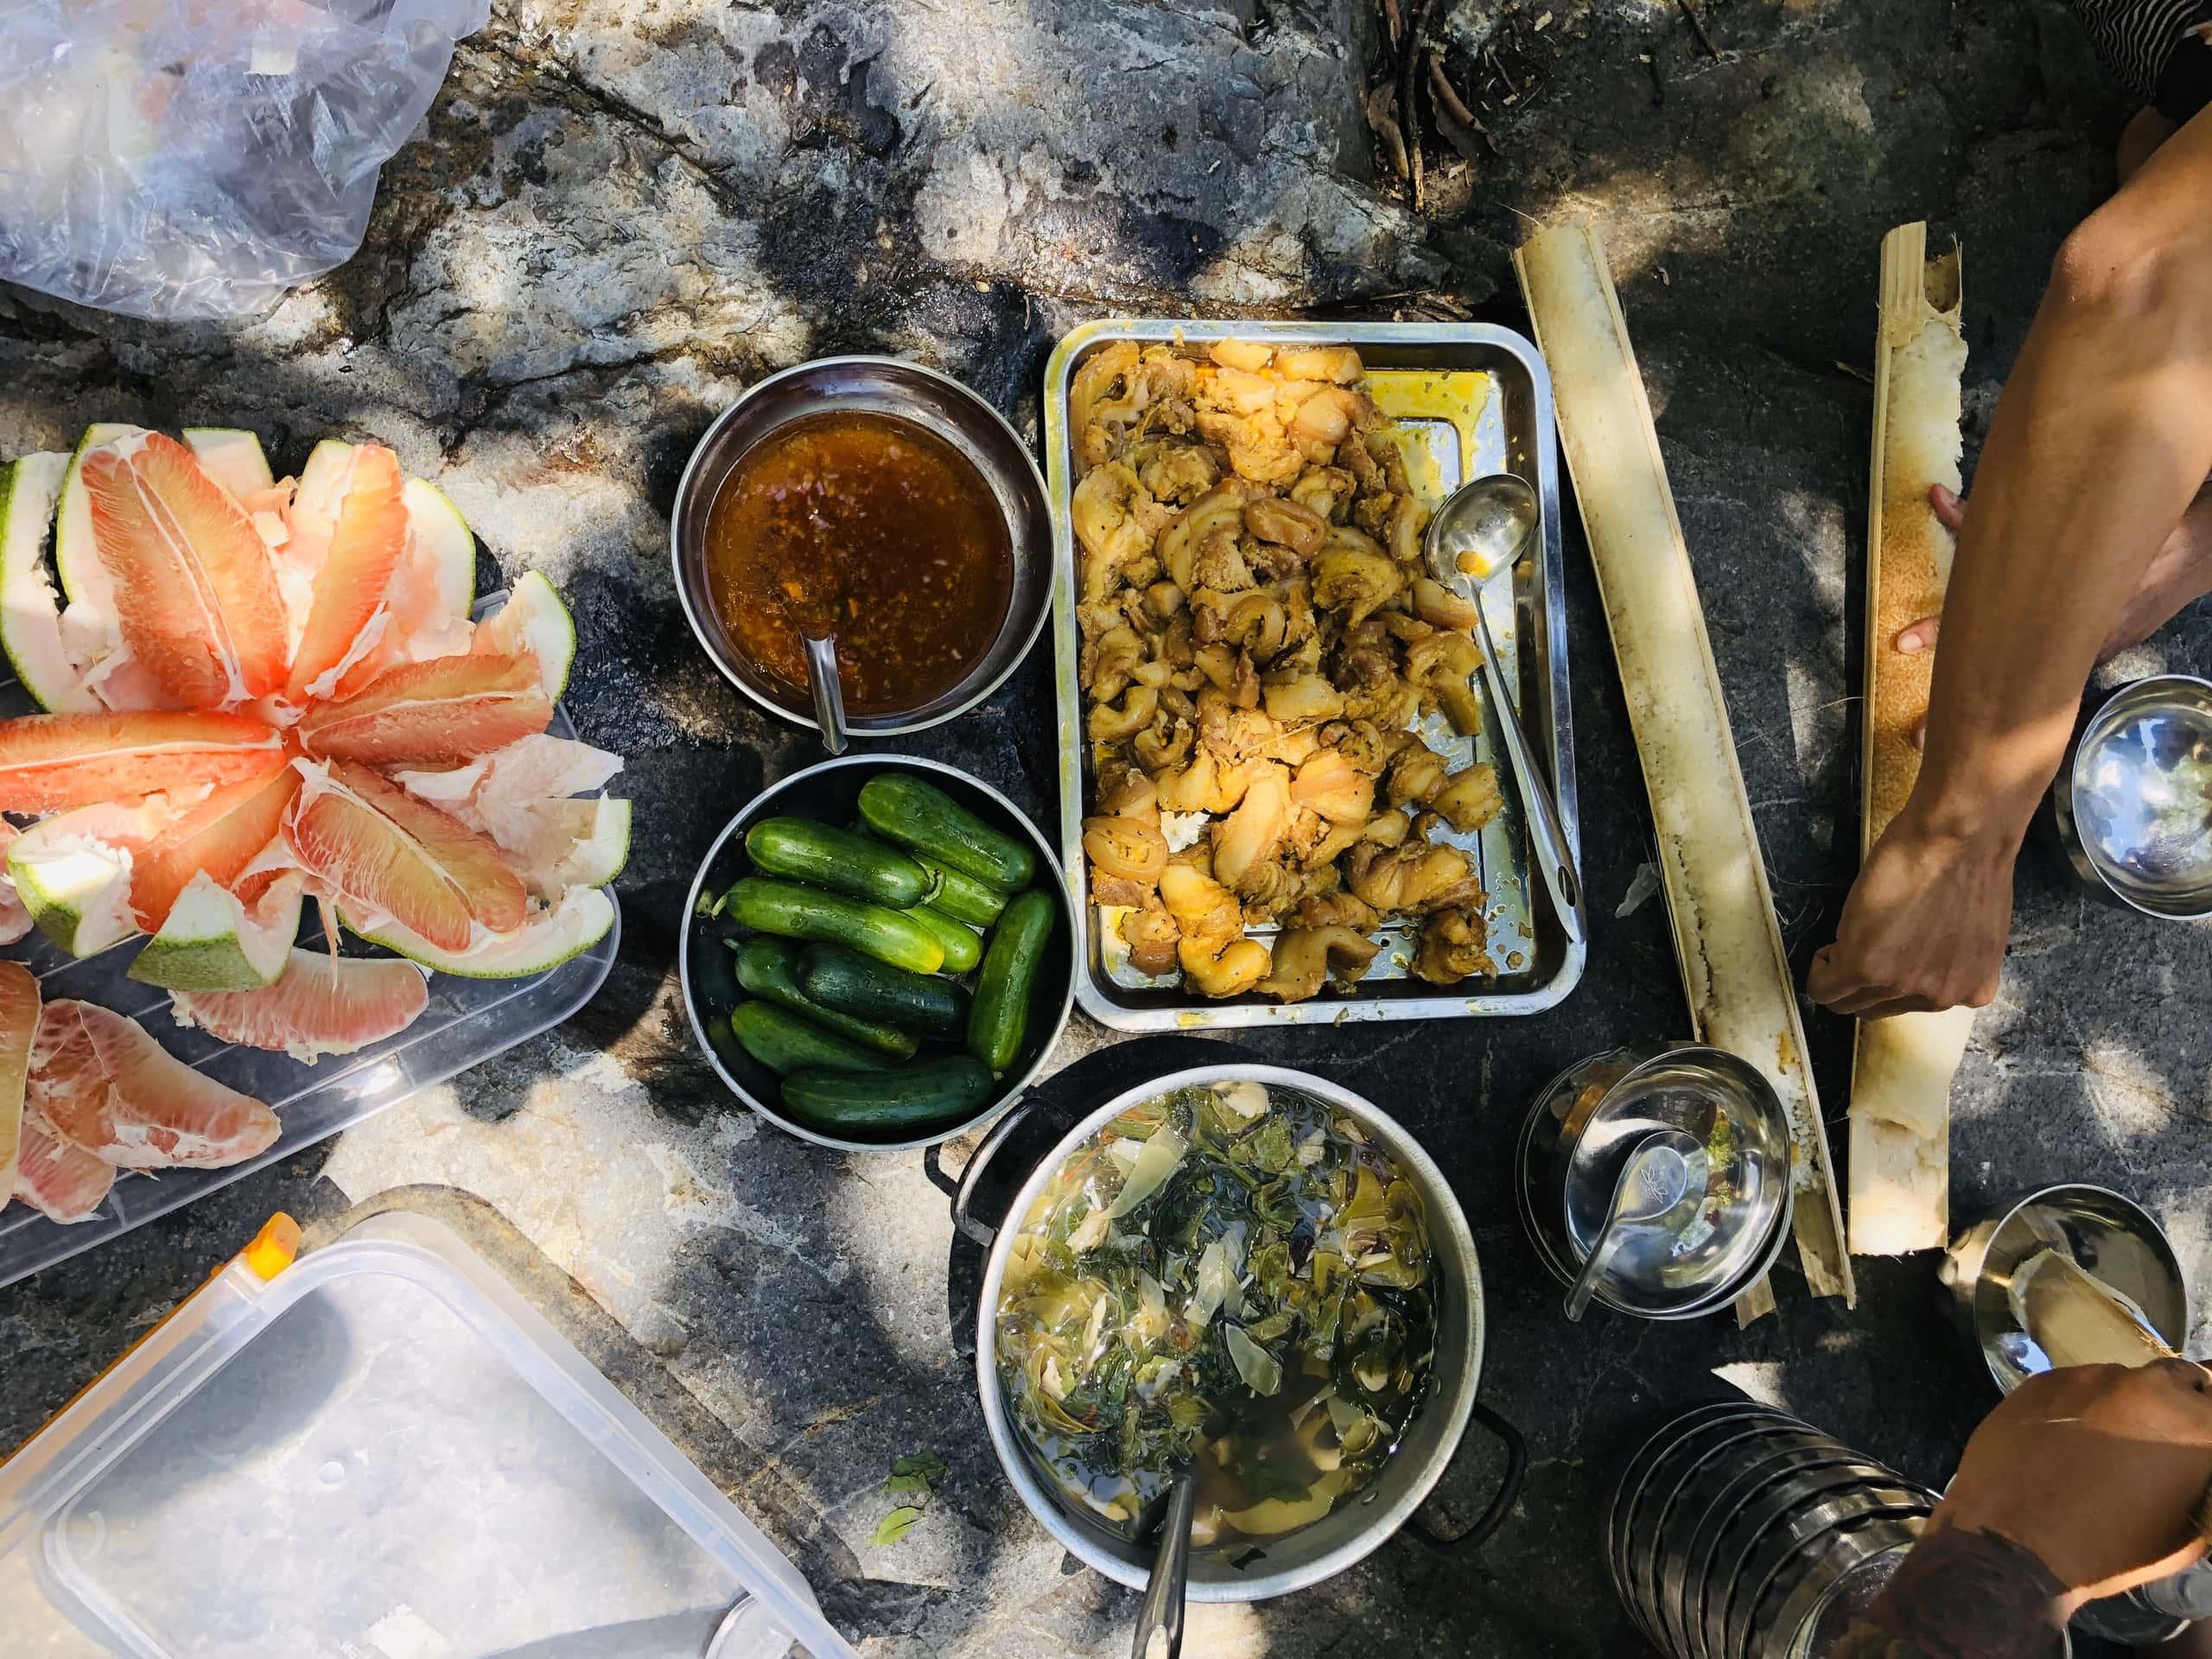 Bữa ăn trưa giữa núi rừng thiên nhiên